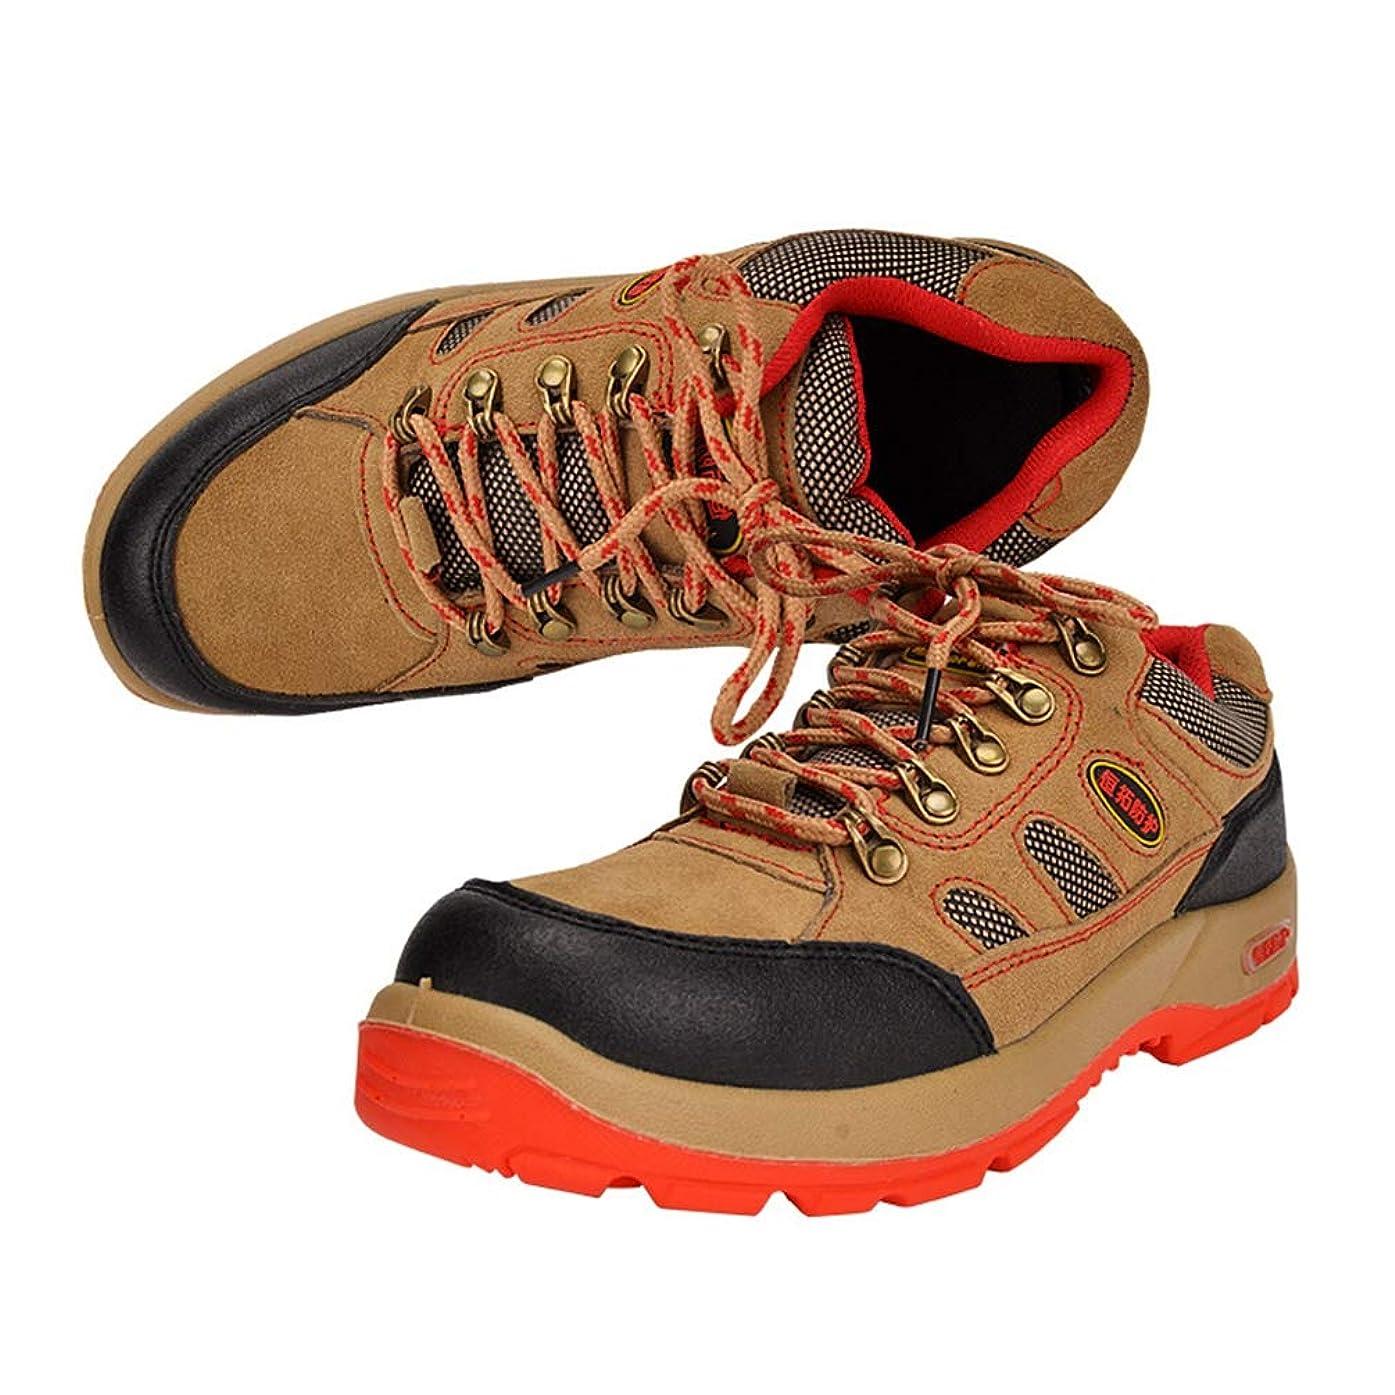 沼地回答出くわすワークシューズ 作業靴 保護靴 メンズ メッシュ 通気性抜群 つま先保護 刺す叩く防止 溶接作業 パンチング加工 滑り止め加工 疲れにくい 衝撃吸収 耐久性抜群 歩きやすい 紐タイプ ローカット アウトドア